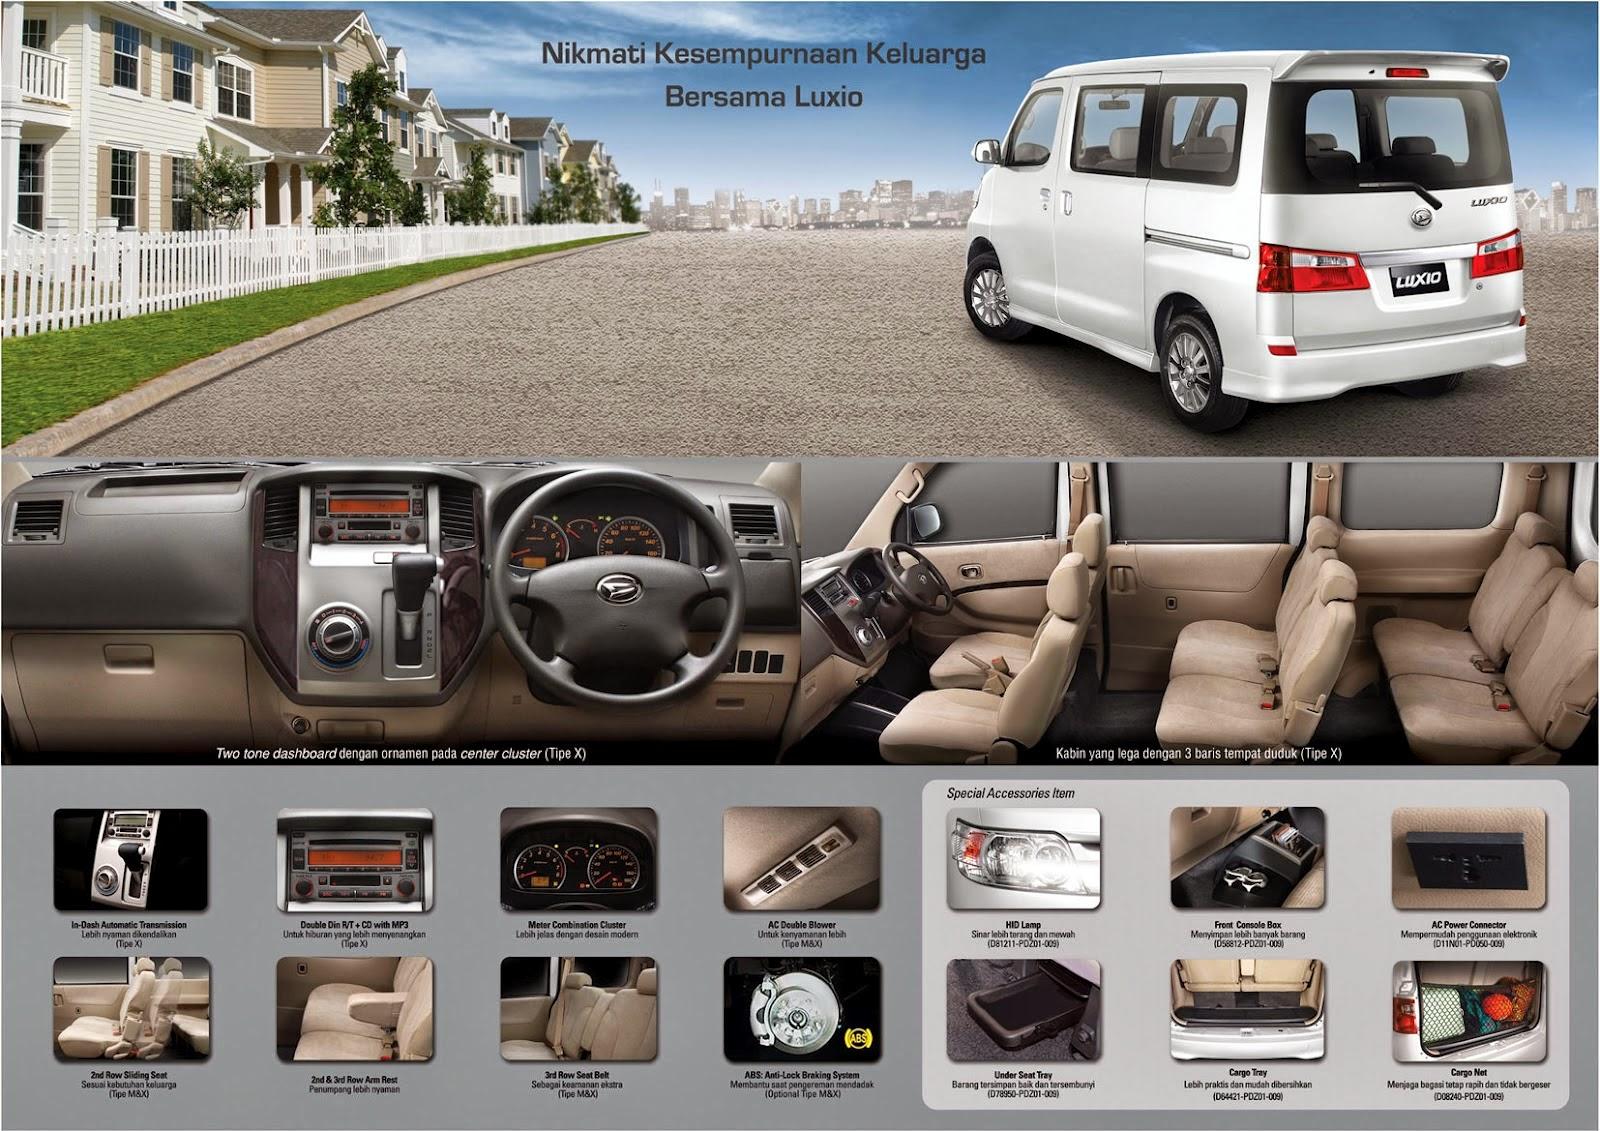 Indonesian Campervan News: Beberapa Calon Mobil Terbaik